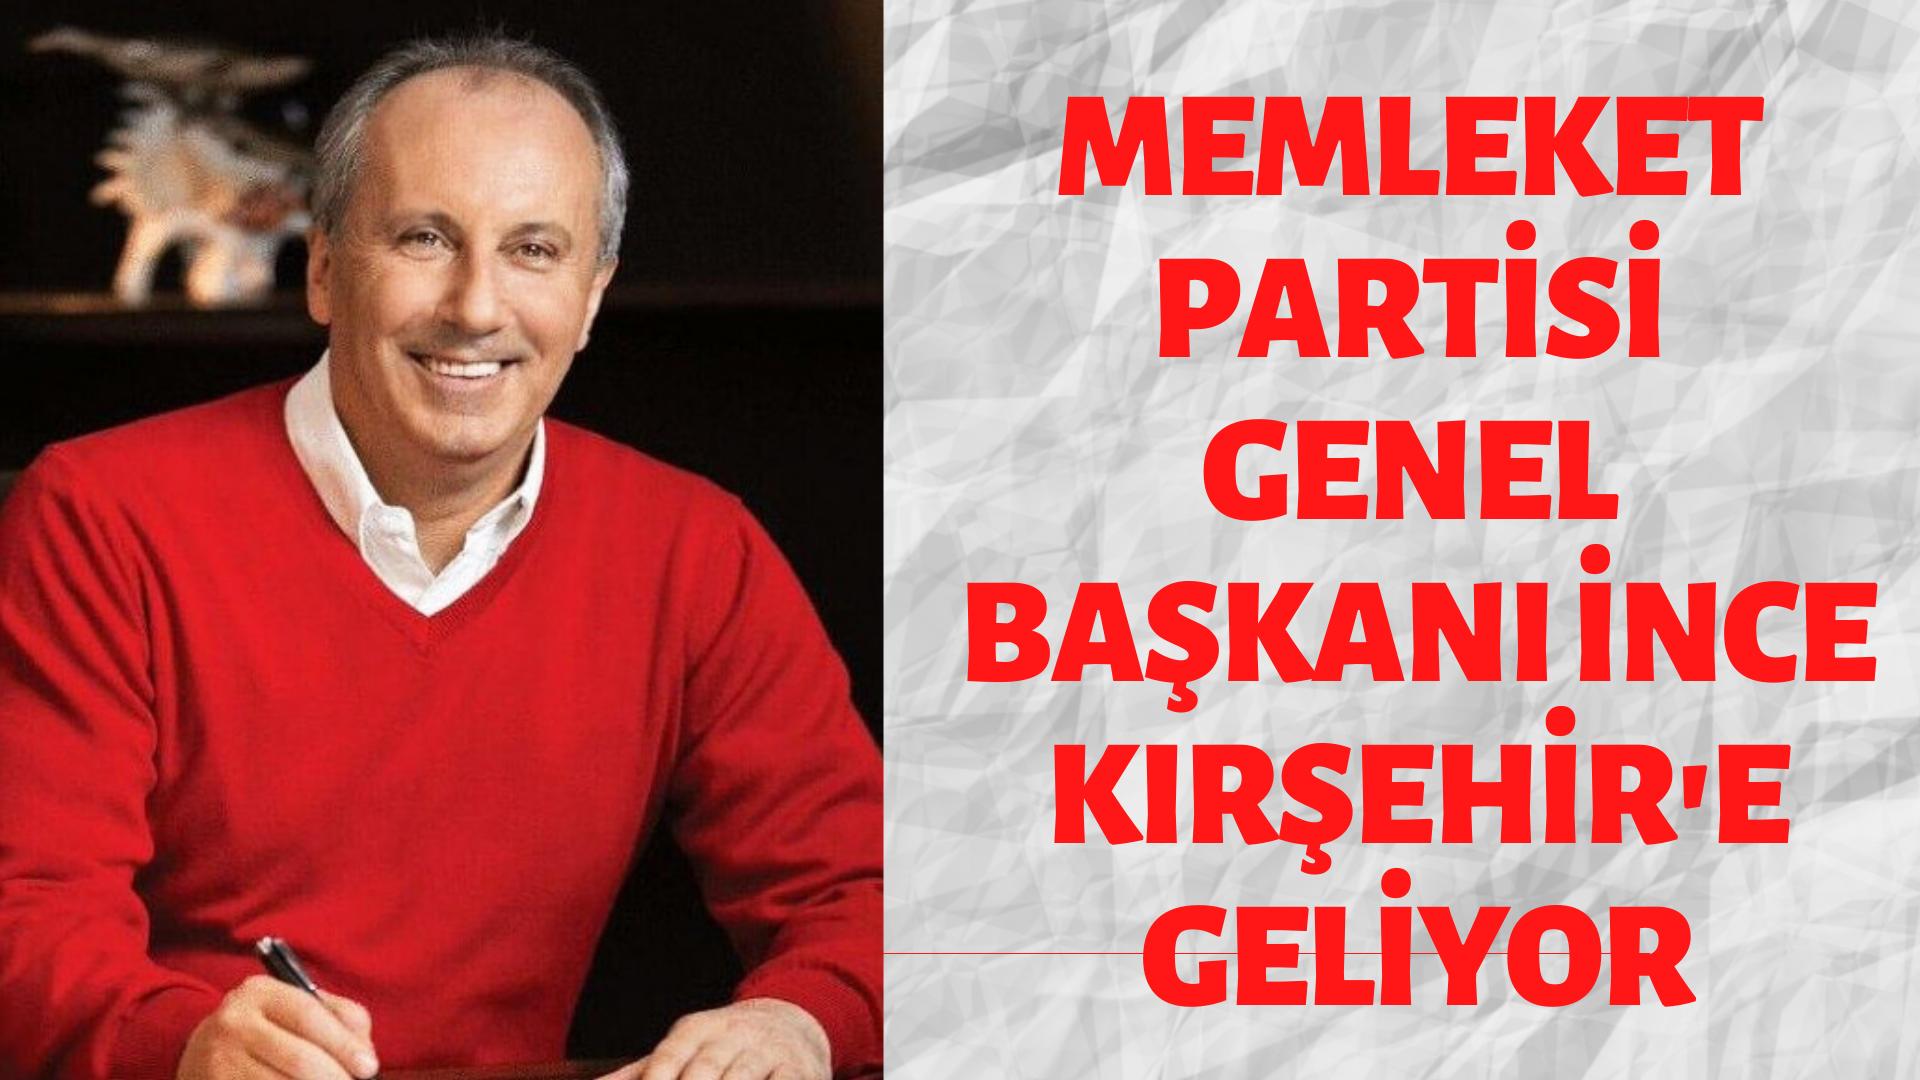 MEMLEKET PARTİSİ GENEL BAŞKANI İNCE KIRŞEHİR'E GELİYOR